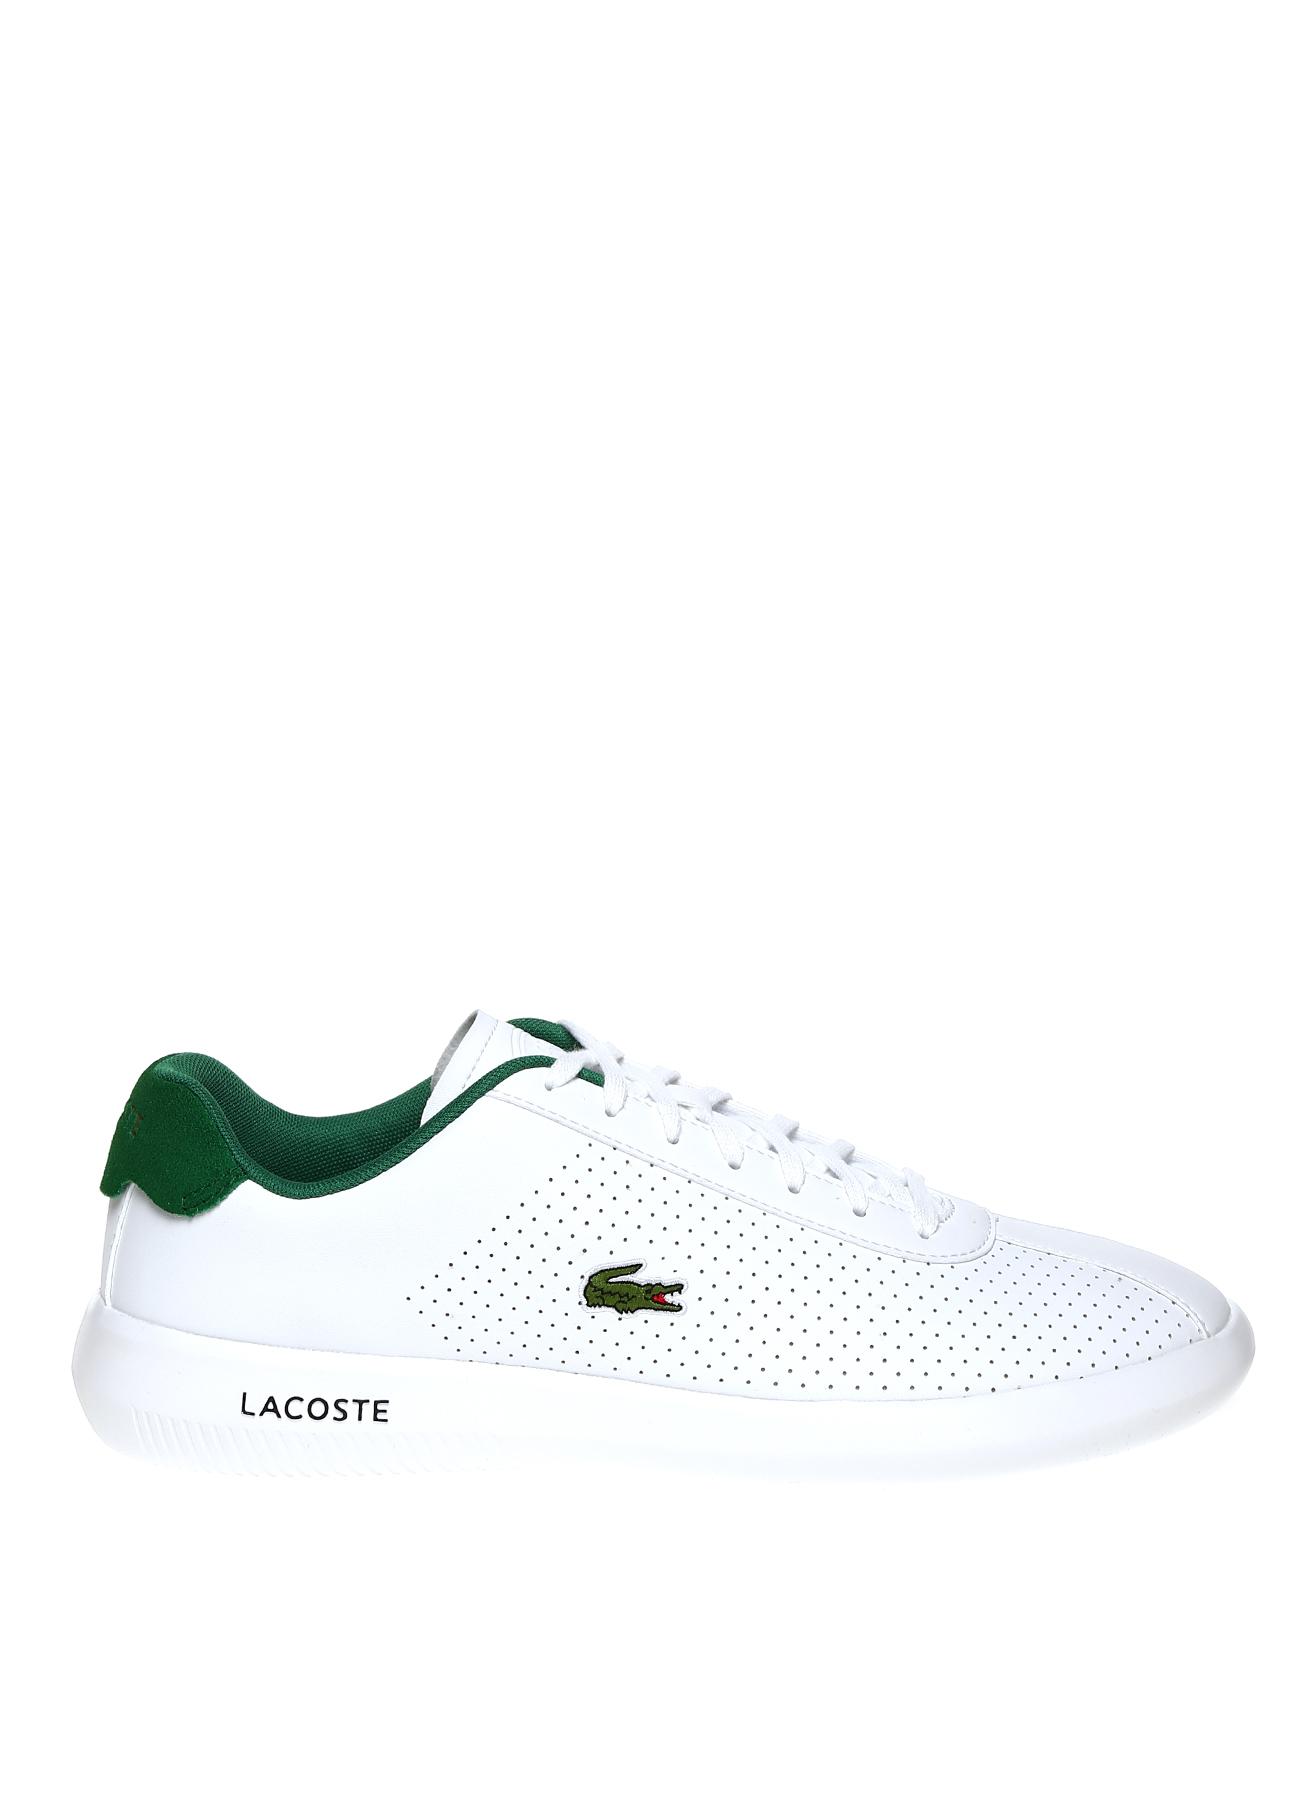 Lacoste Avance Beyaz Sneaker 43 5002313525001 Ürün Resmi